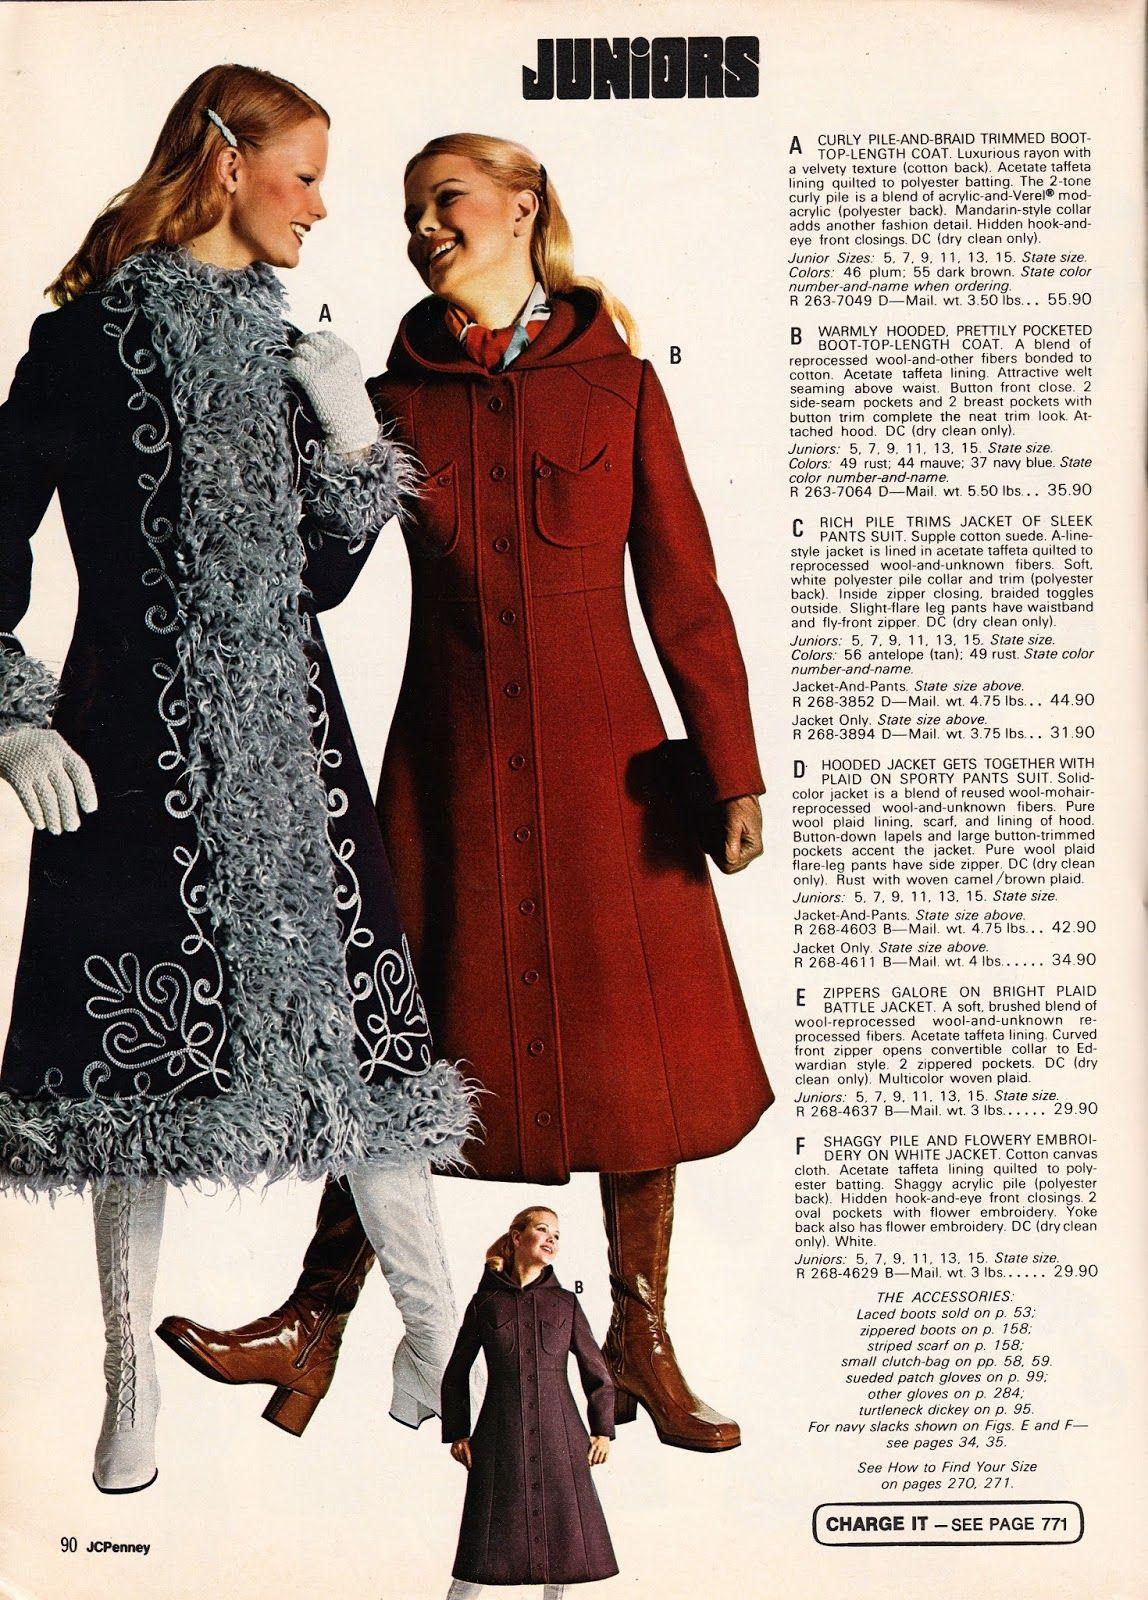 The Big Book Catalog Series (Part 4) 1972a